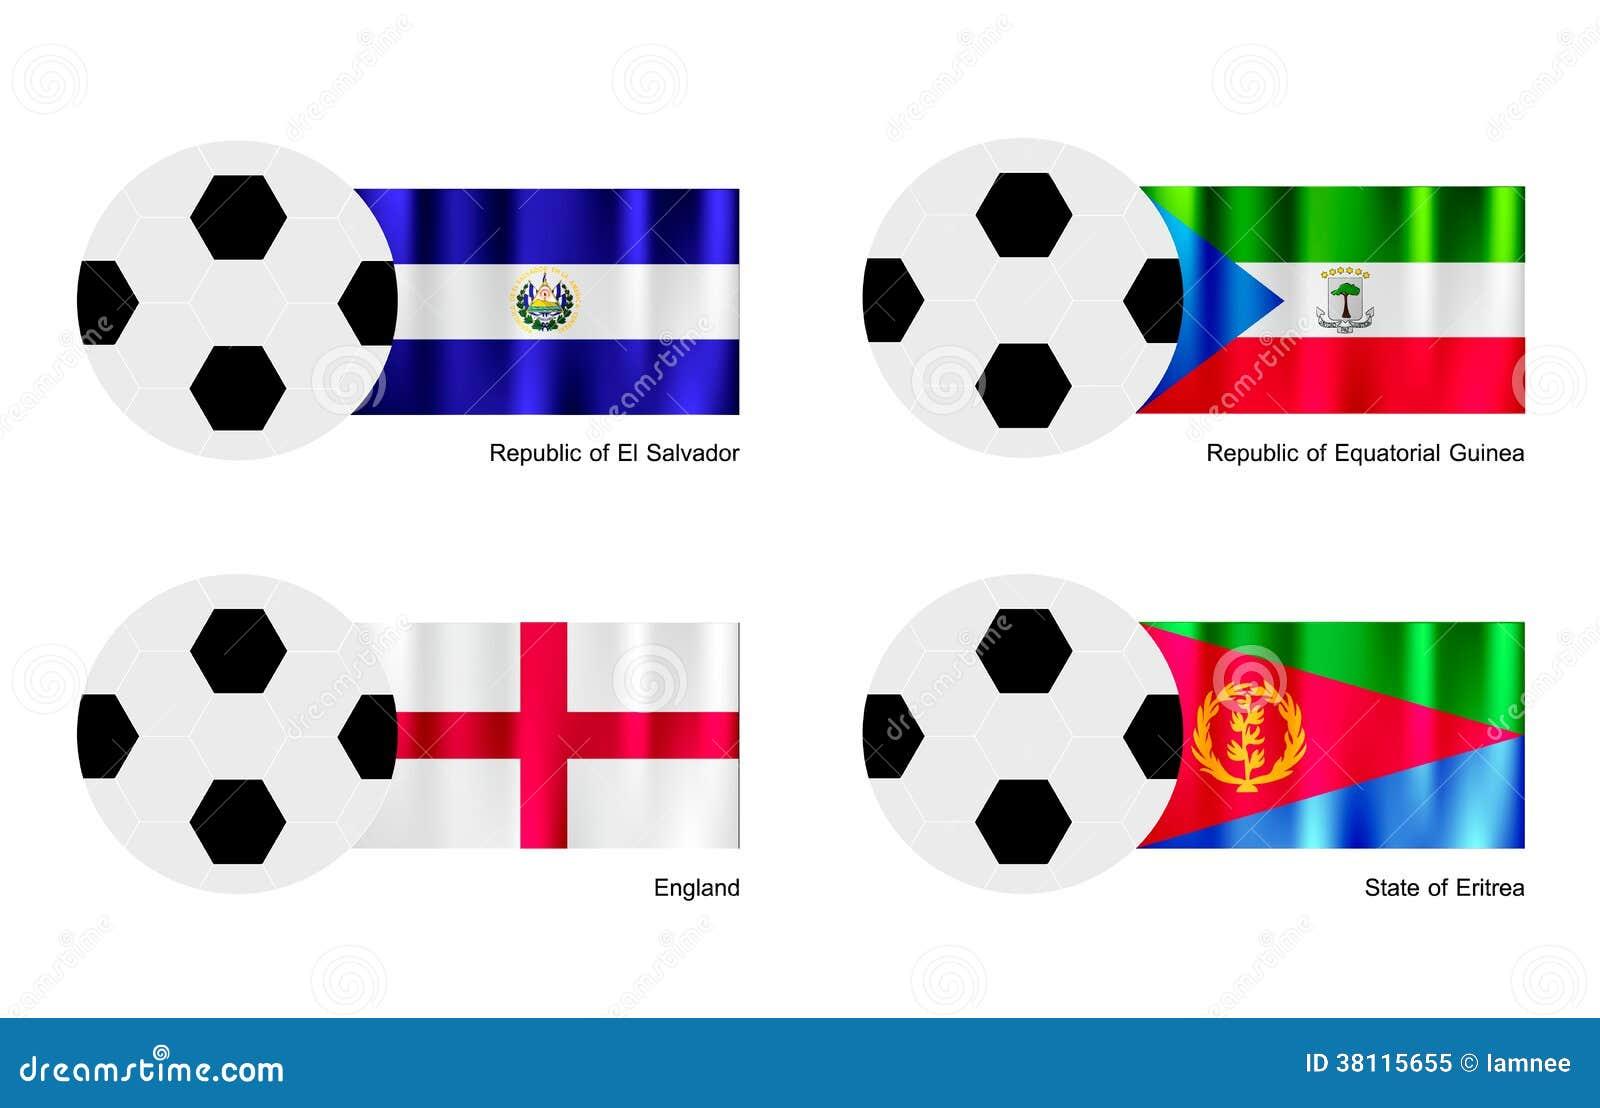 Le football avec le drapeau du Salvador, de la Guinée équatoriale, de l Angleterre et de l Érythrée